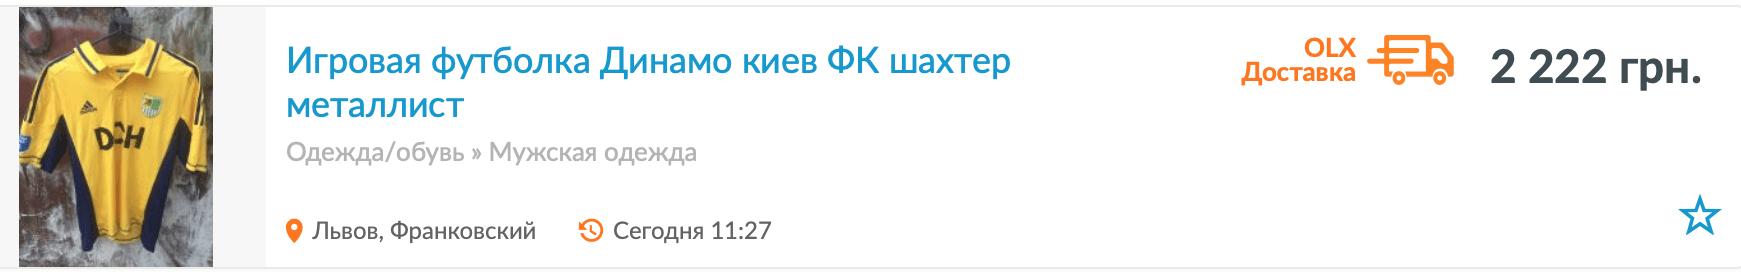 Вот это болельщики: онлайн можно купить футболки Шевченко, Ярмоленко и многих других (Фото) - изображение 7